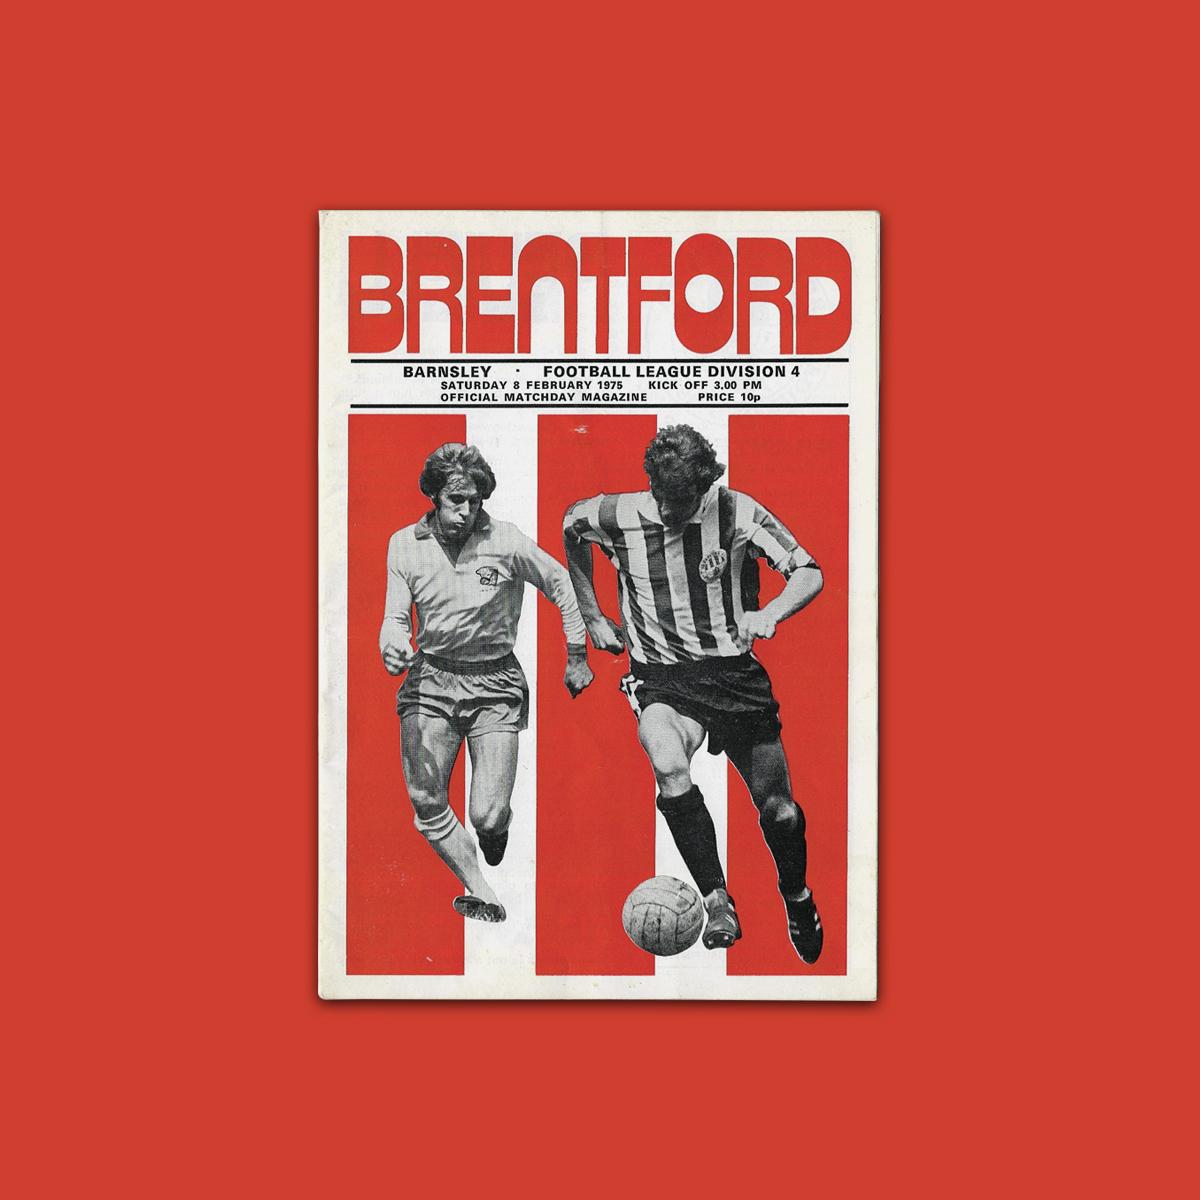 08_02_1975_Brentford_Barnsley_Front2